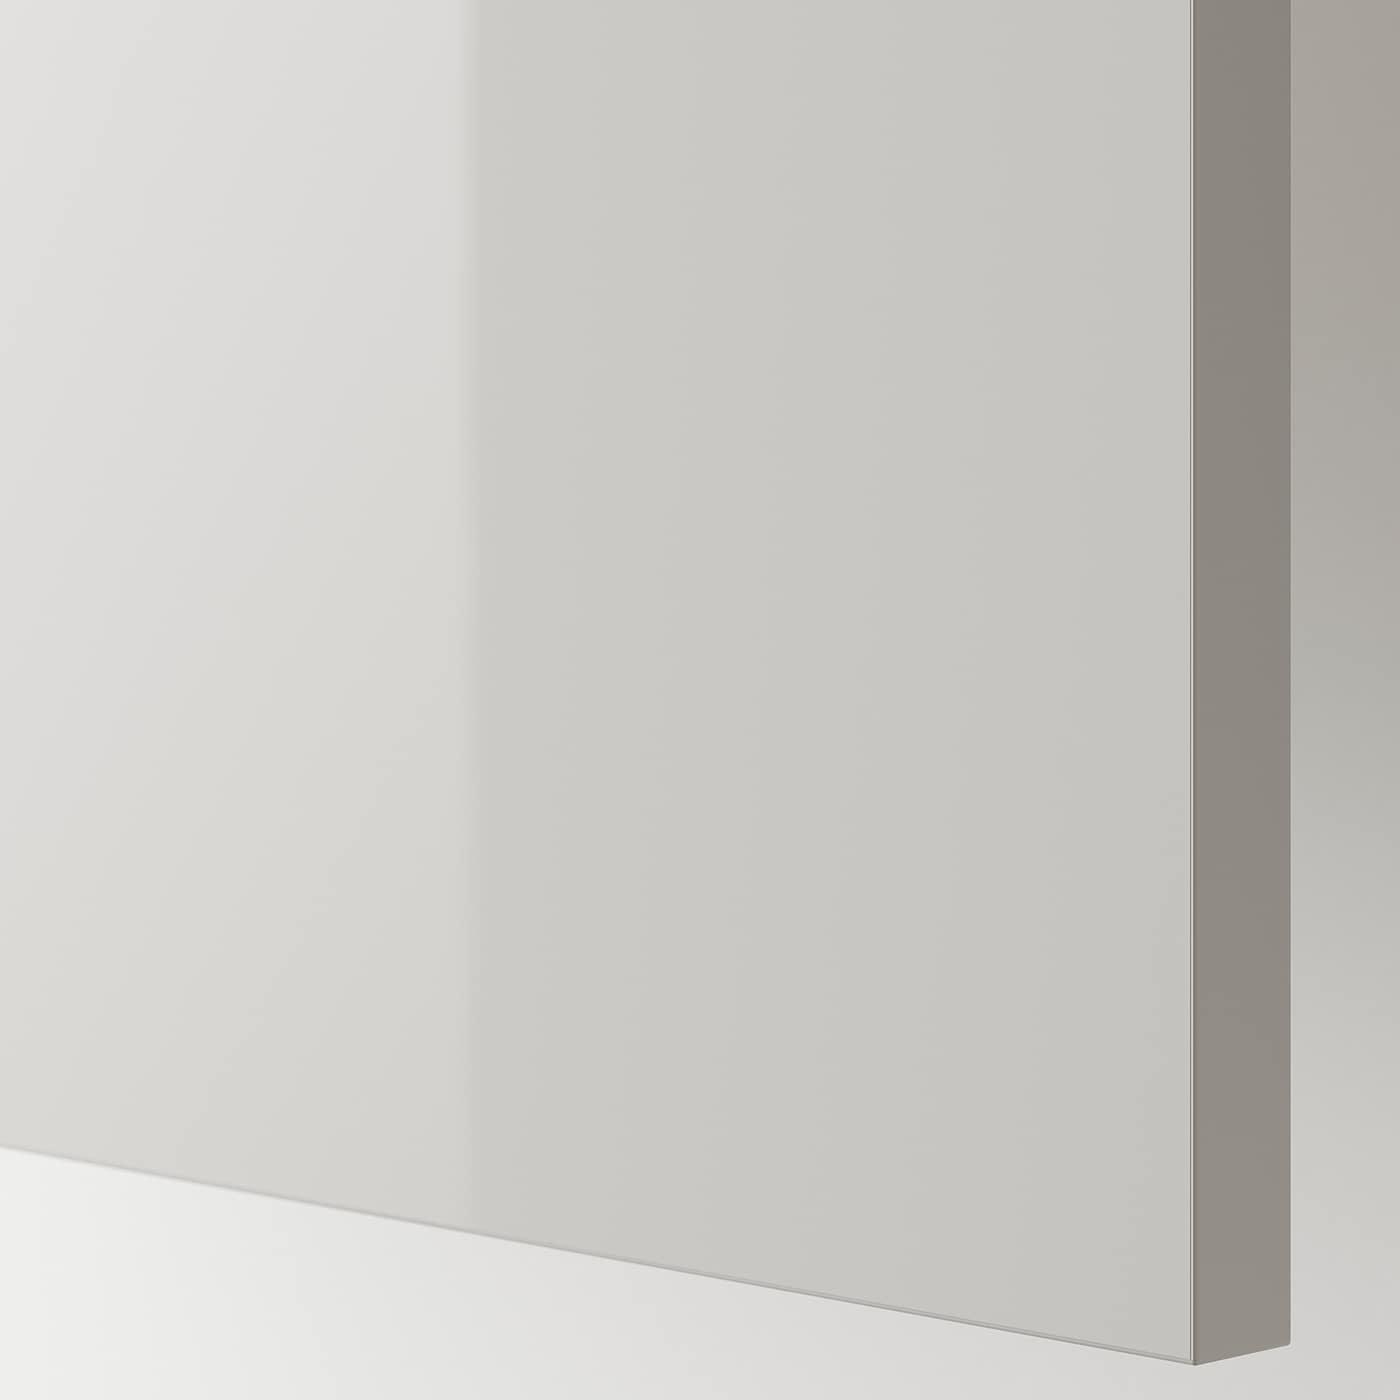 Full Size of Ringhult Deckseite Hochglanz Hellgrau Ikea Deutschland Küche Kaufen Betten Bei Sofa Mit Schlaffunktion Kosten 160x200 Miniküche Modulküche Wohnzimmer Ikea Ringhult Hellgrau